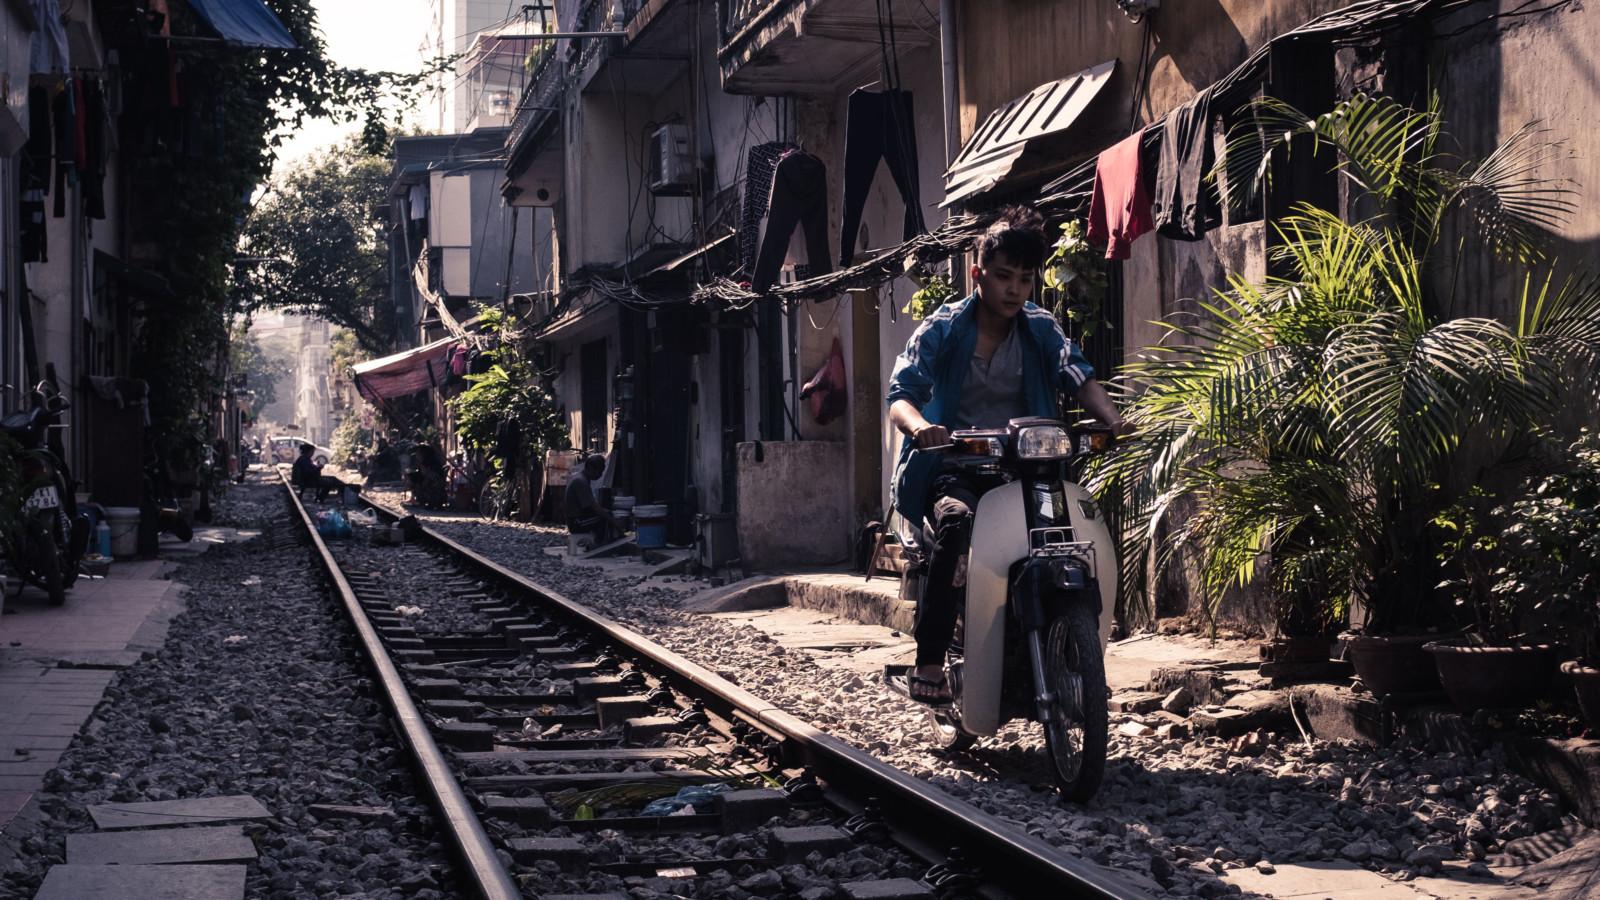 A railtrack in Hanoi